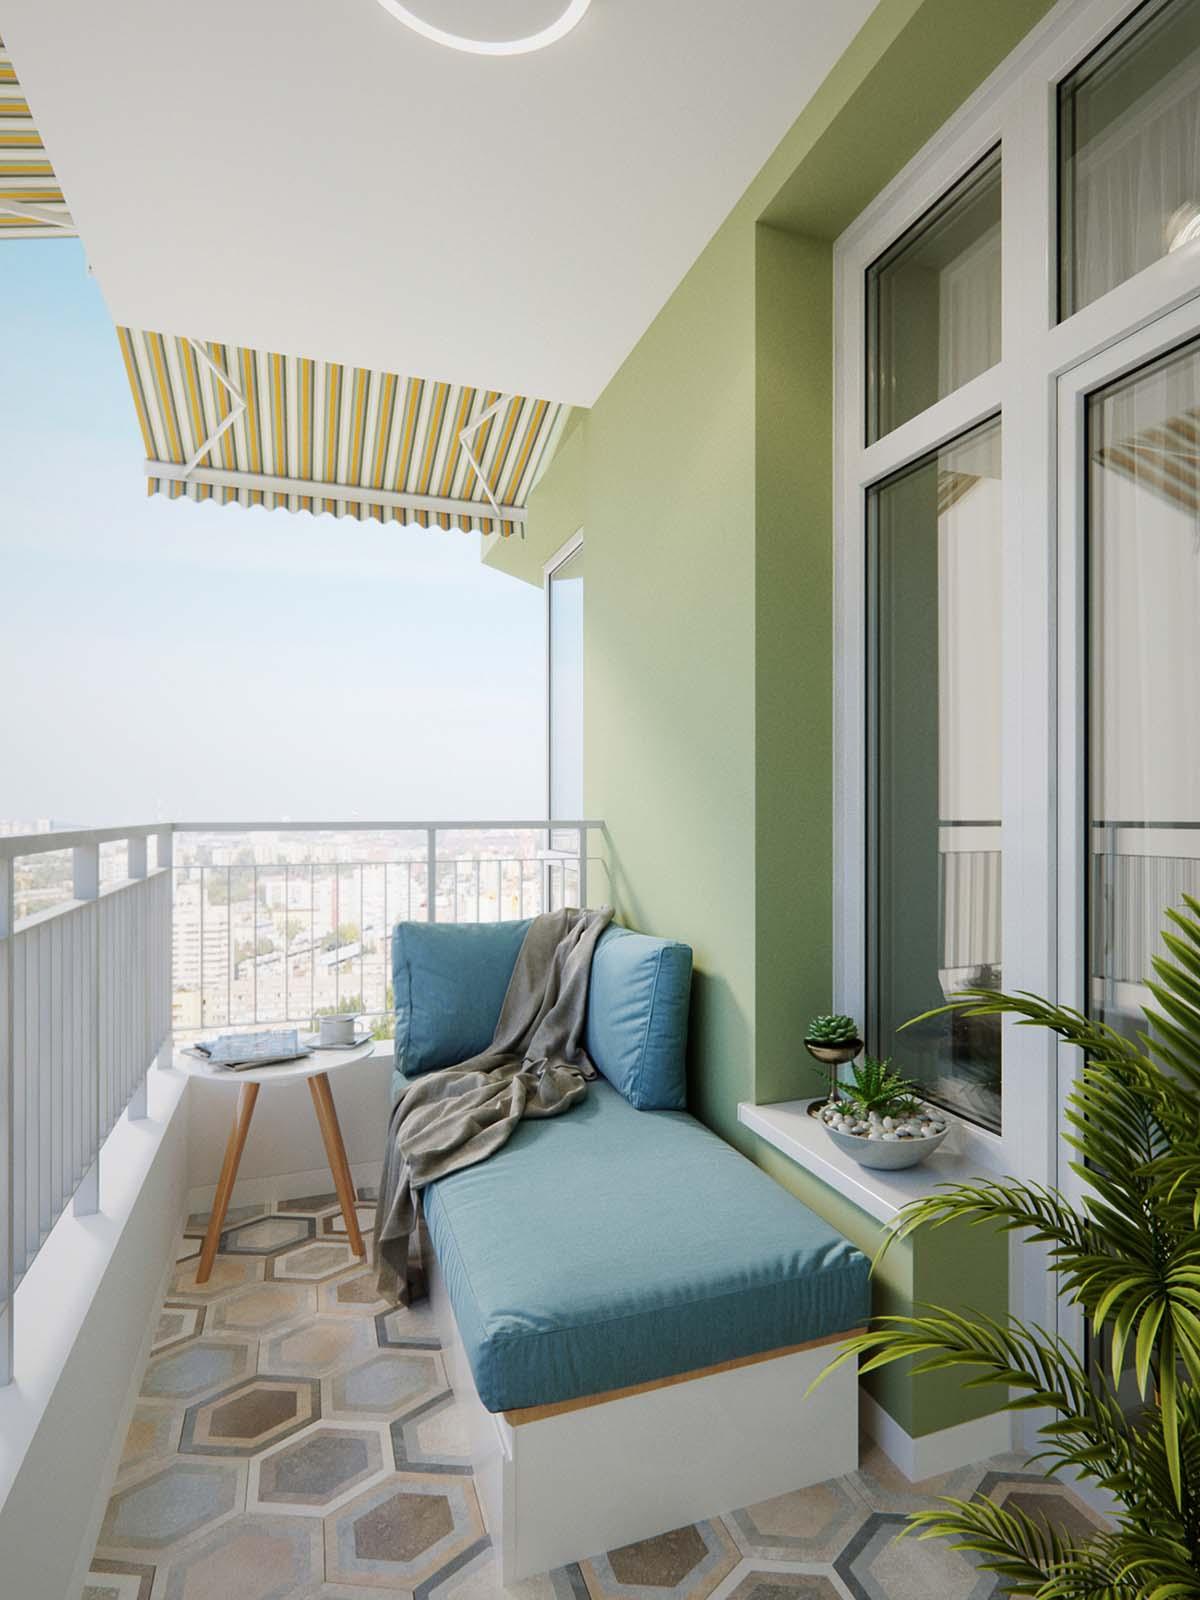 tư vấn thiết kế nội thất chung cư 70m2 đẹp 07